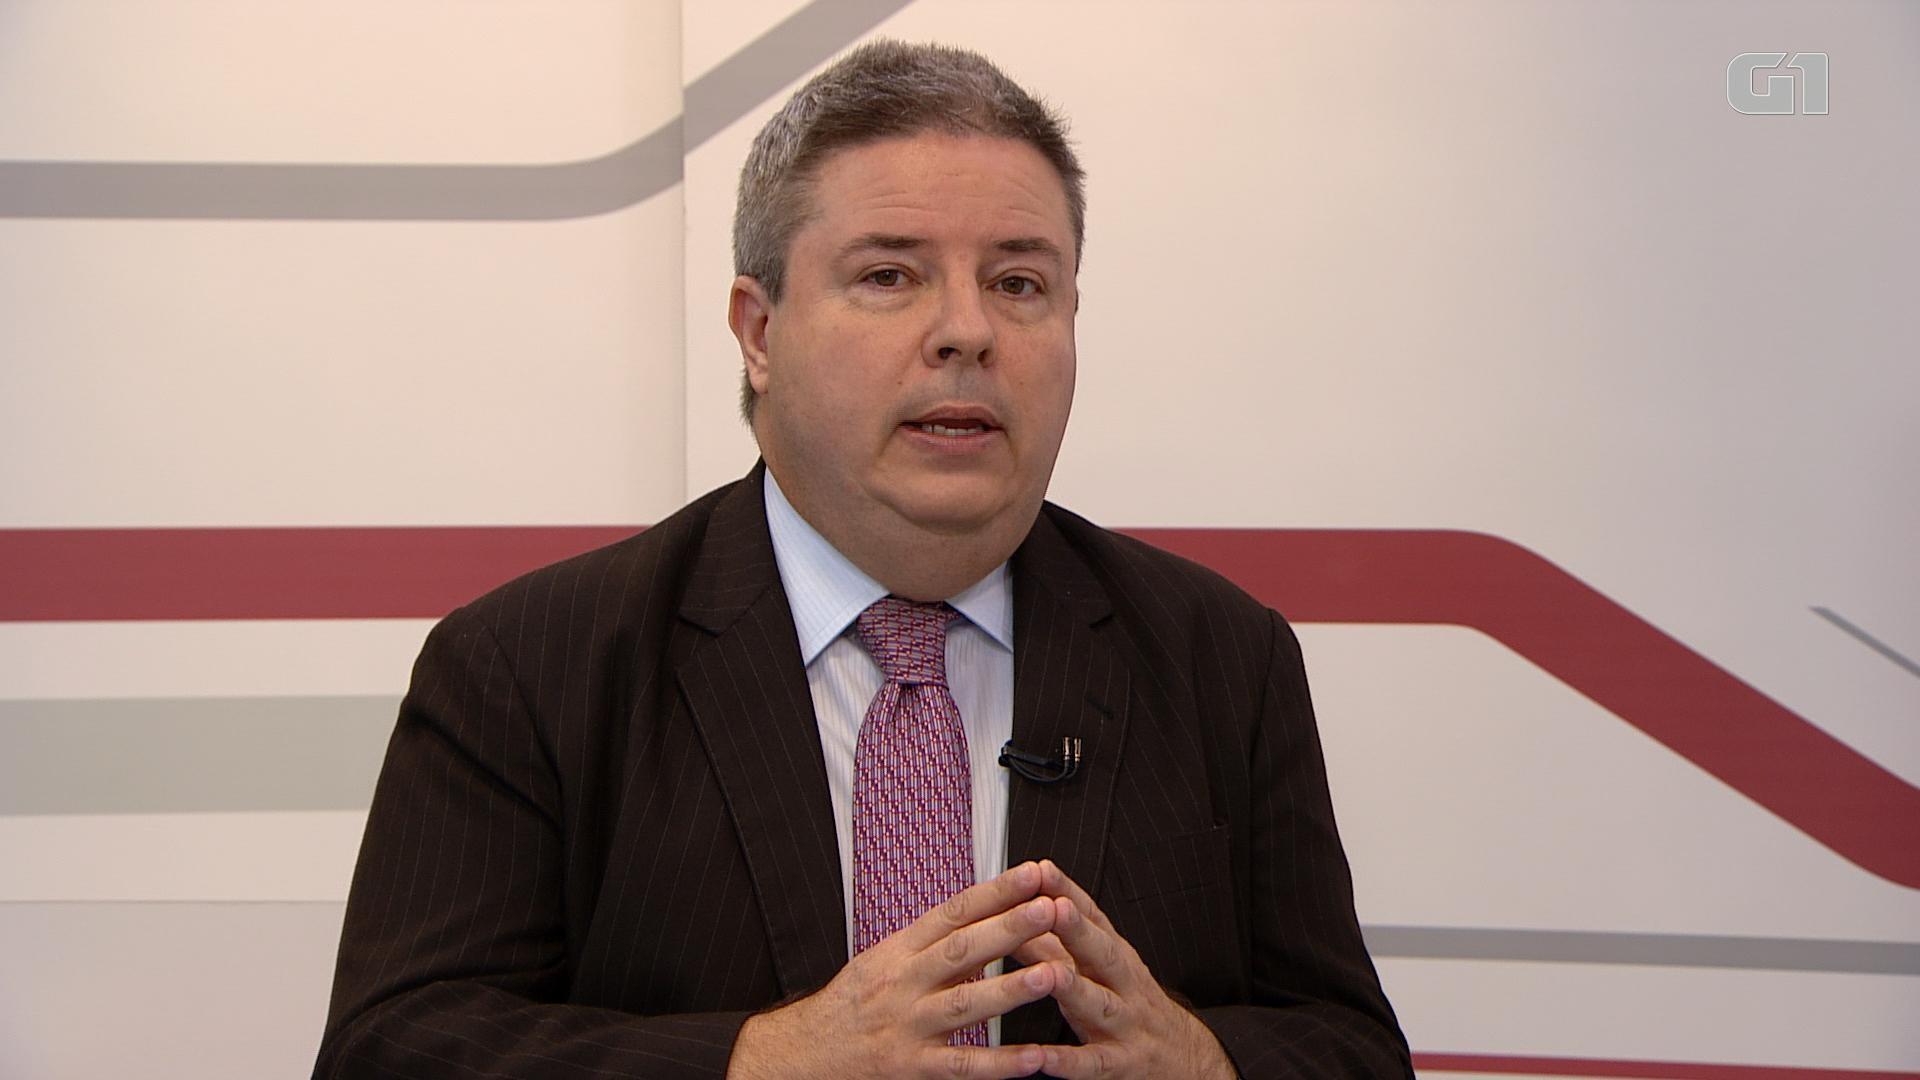 Antonio Anastasia, do PSDB, não participa de entrevistas no MG2 e no G1 - Radio Evangelho Gospel